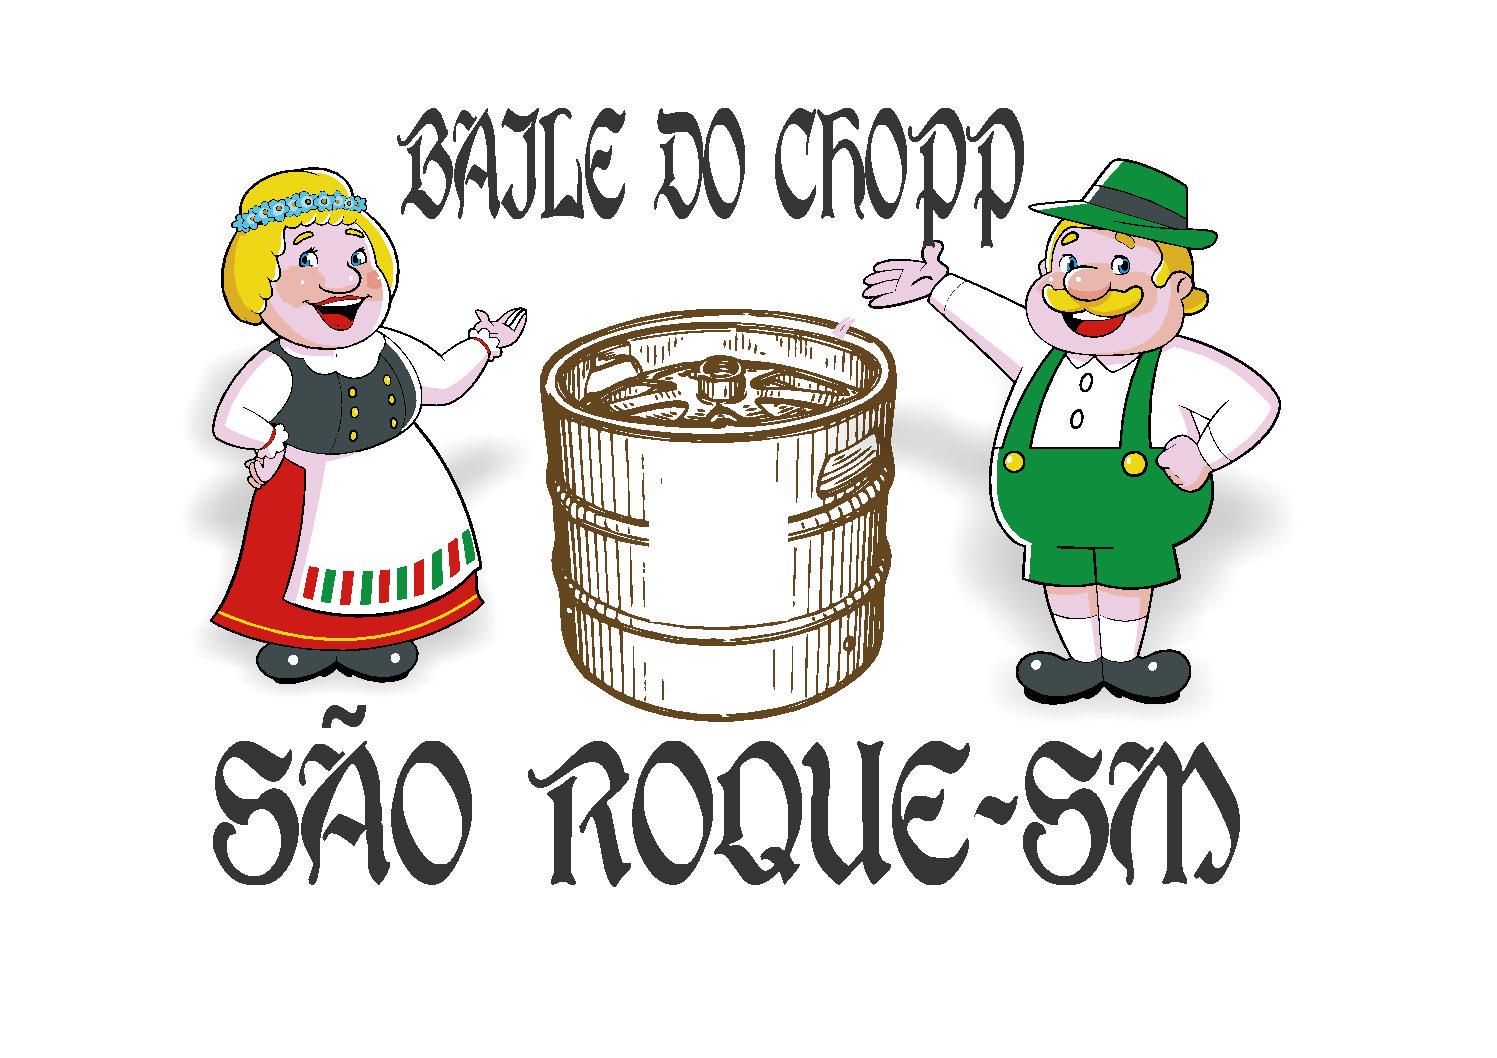 CAMISETA PARA BAILE DE CHOPP DE SÃO ROQUE-SALDANHA MARINHO.